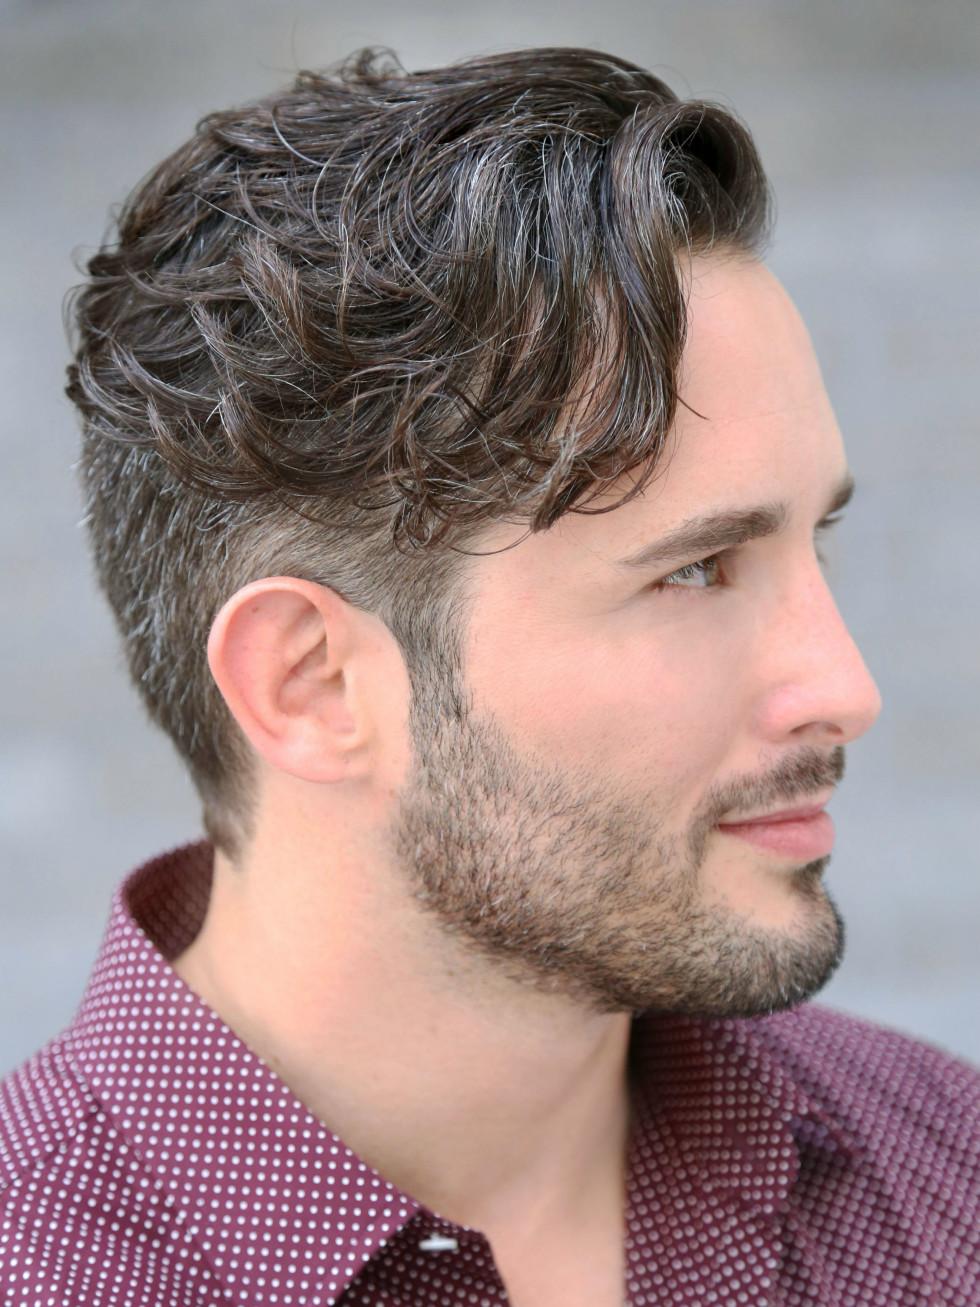 Jose Luis Salon - undercut 2